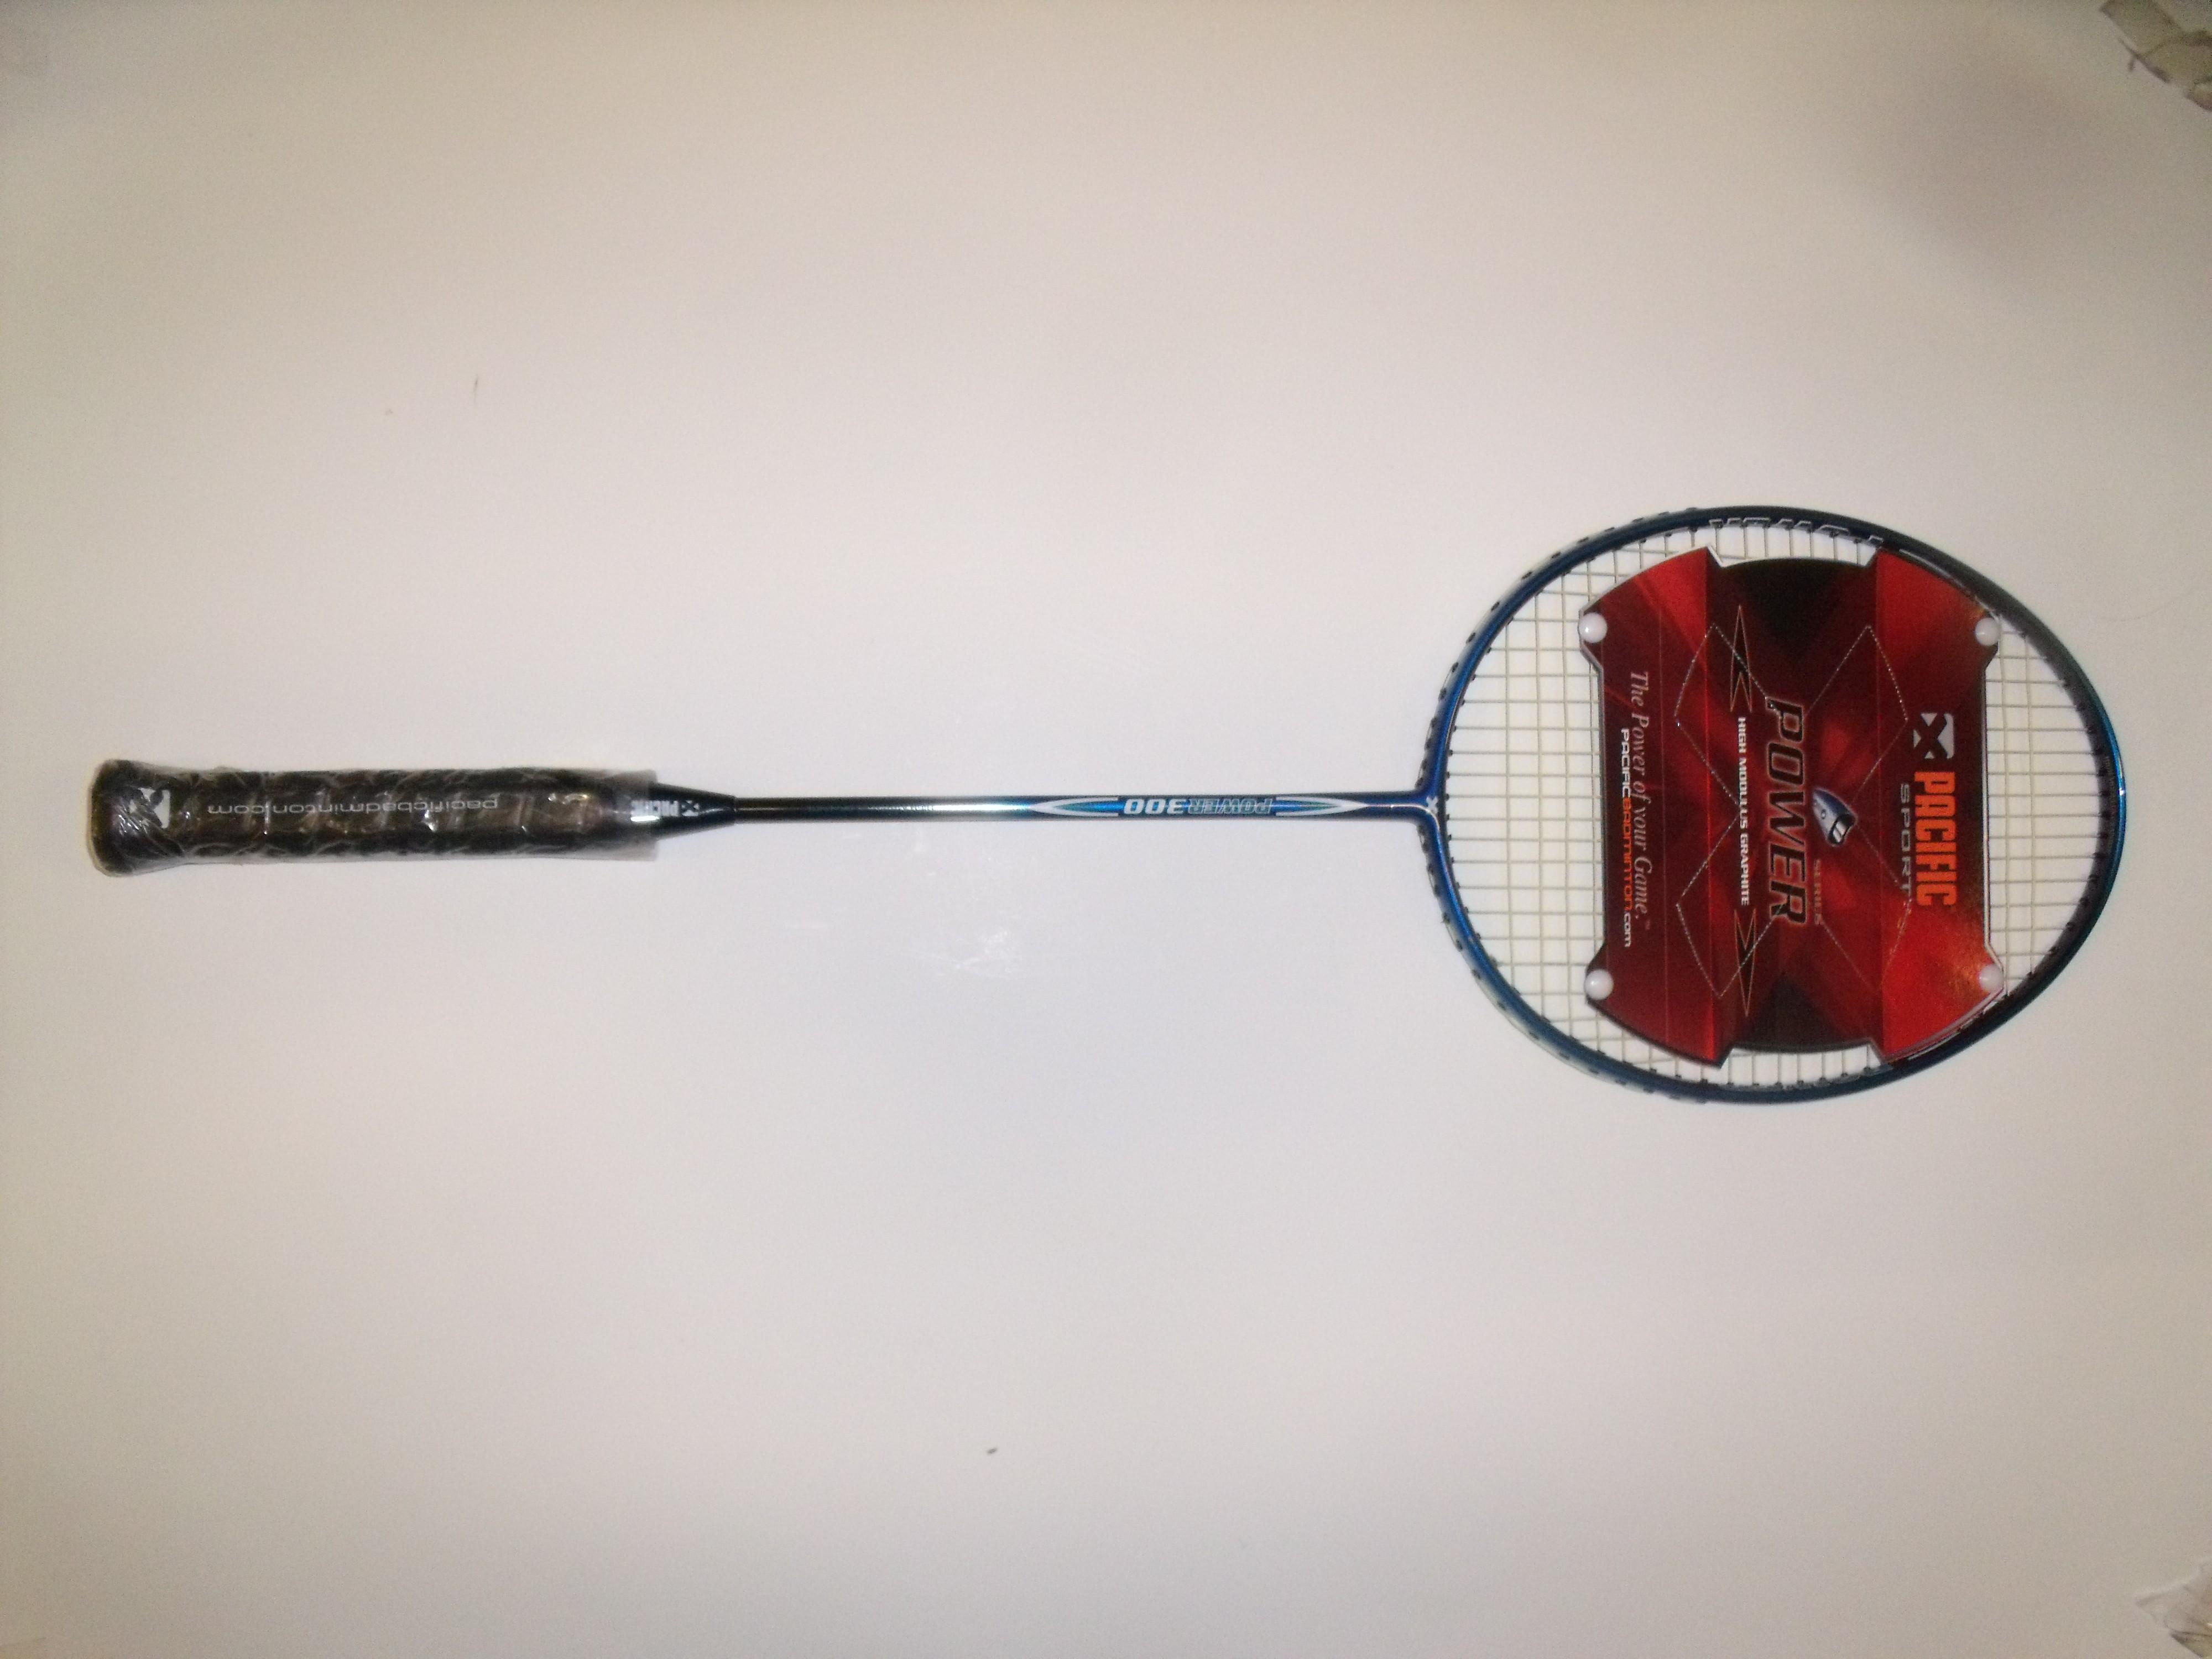 PACIFIC badmintonracket (153)